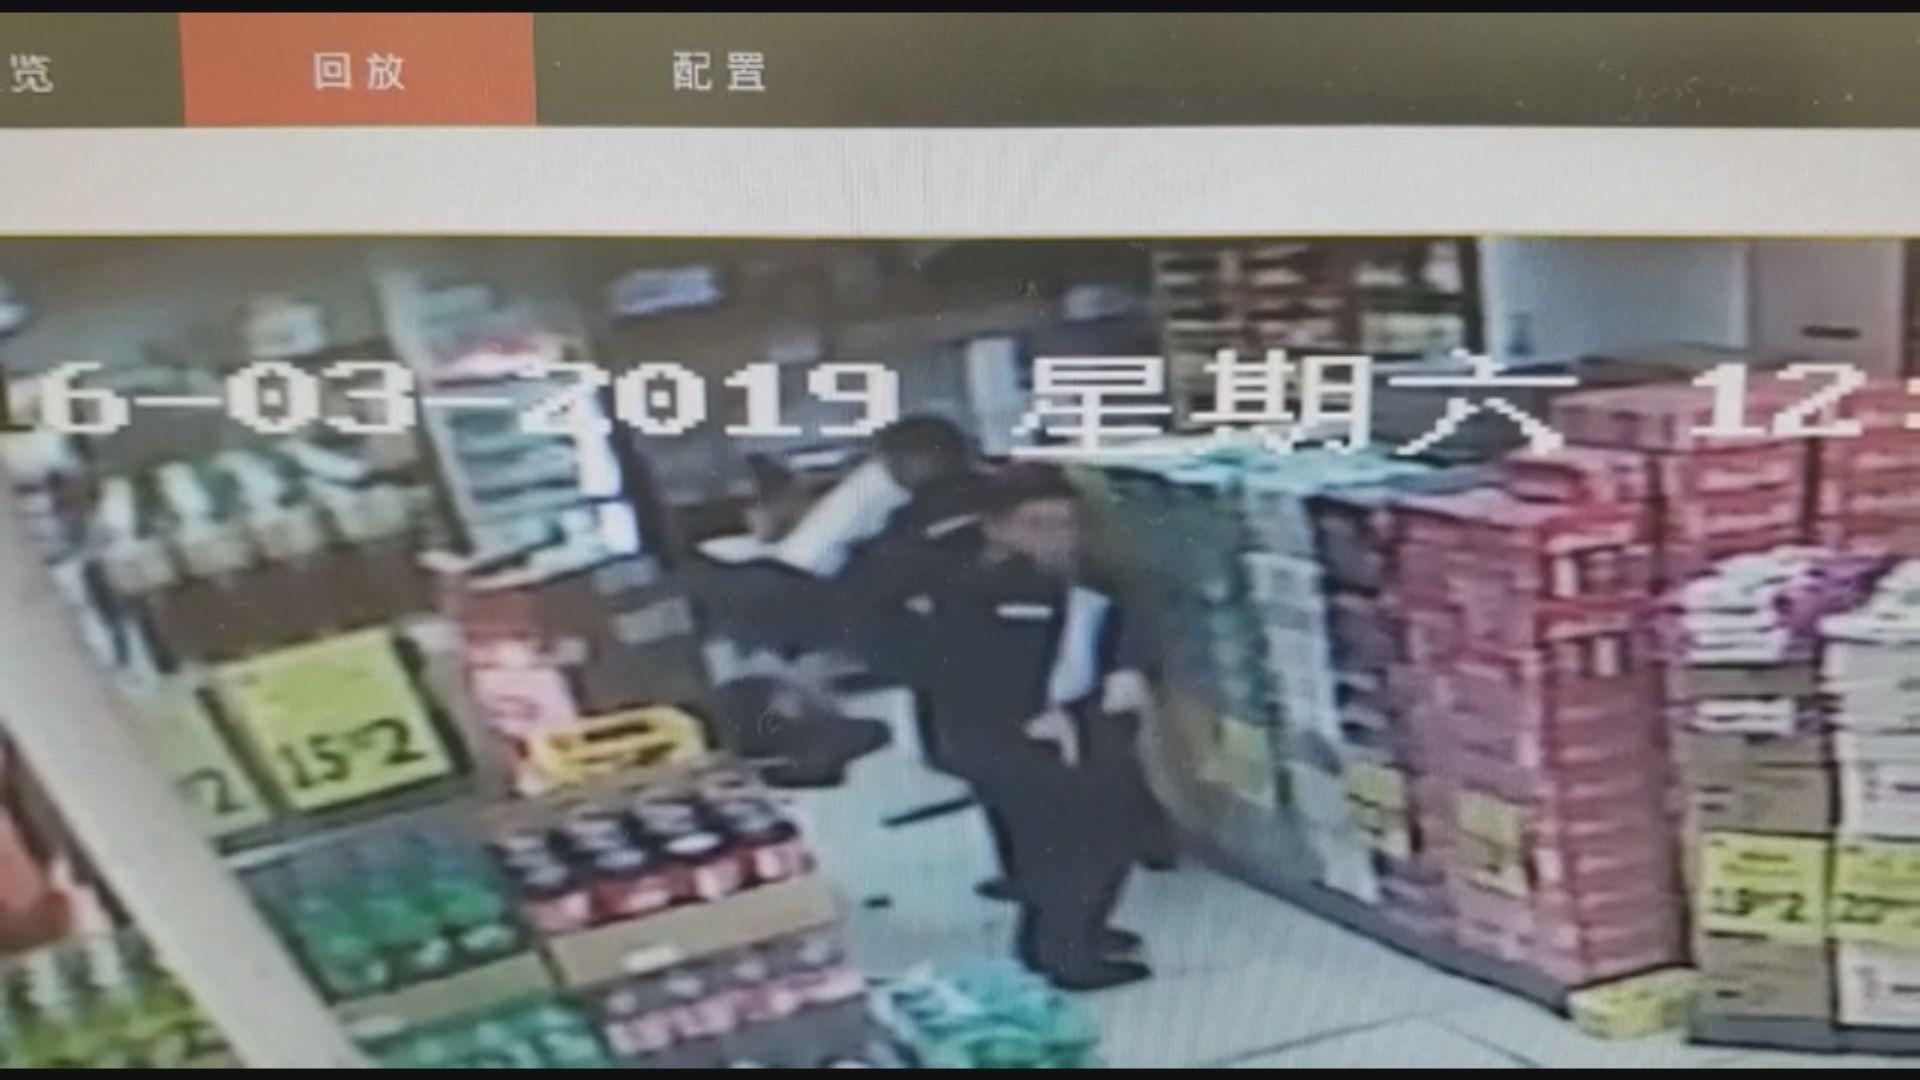 油麻地開槍案 閉路電視拍攝到警員擊斃男子